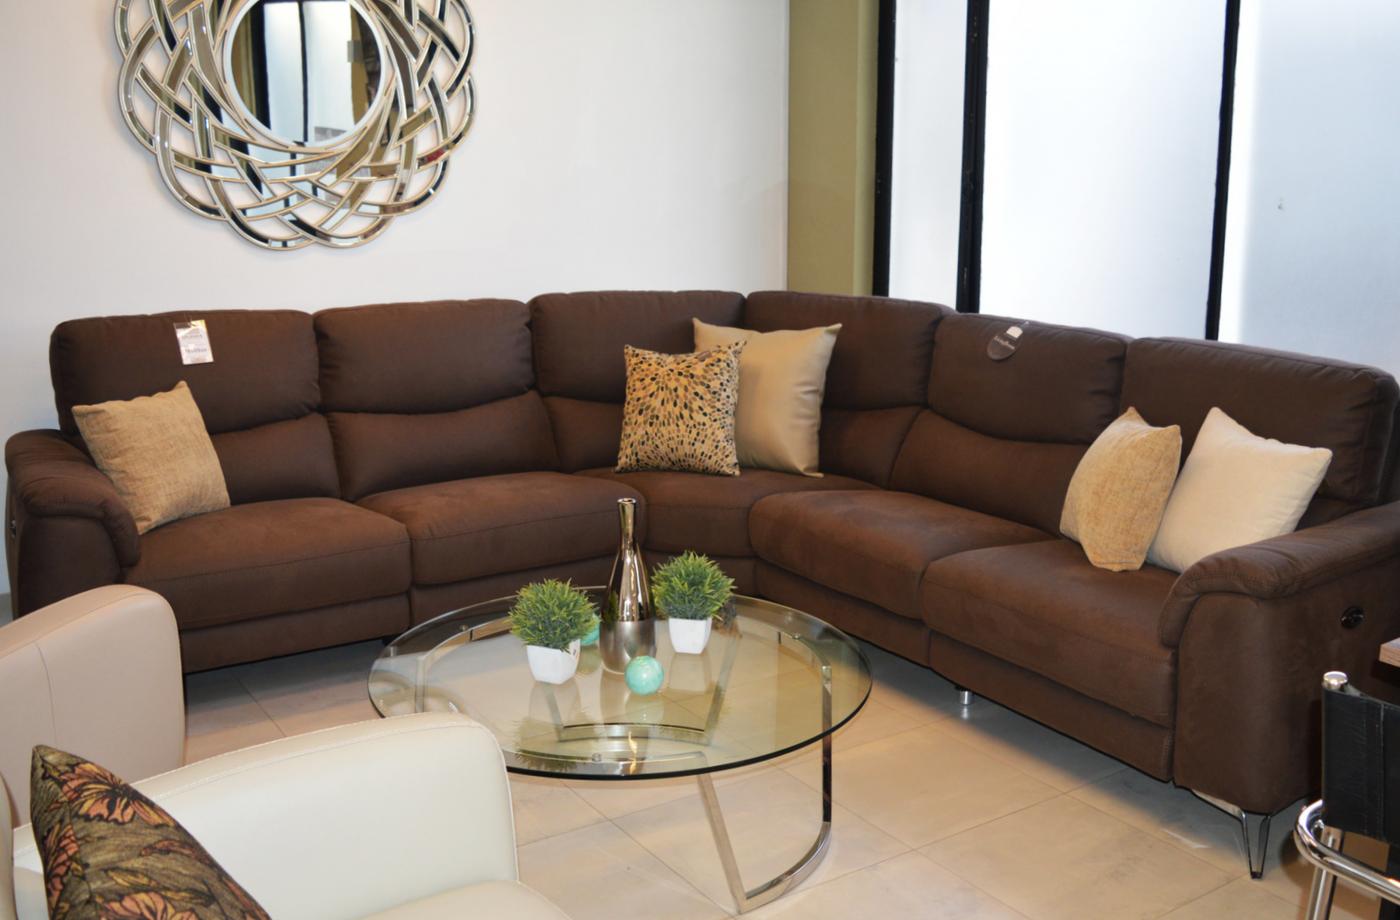 imagen 4 tipos de muebles